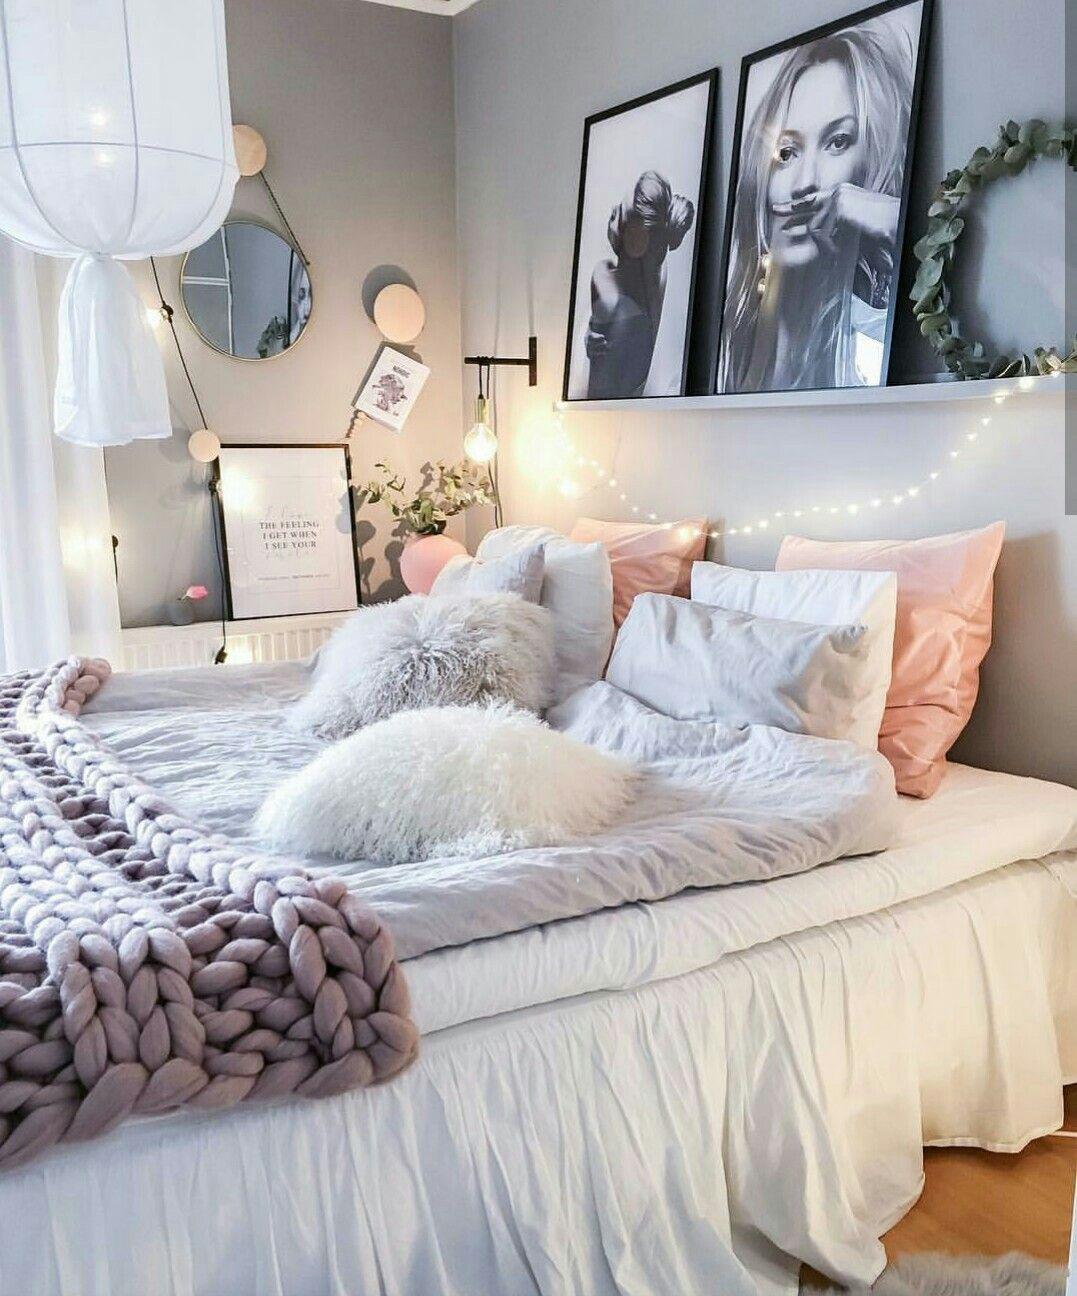 Chambre cozy idées rose gris (avec images)  Idée chambre, Deco